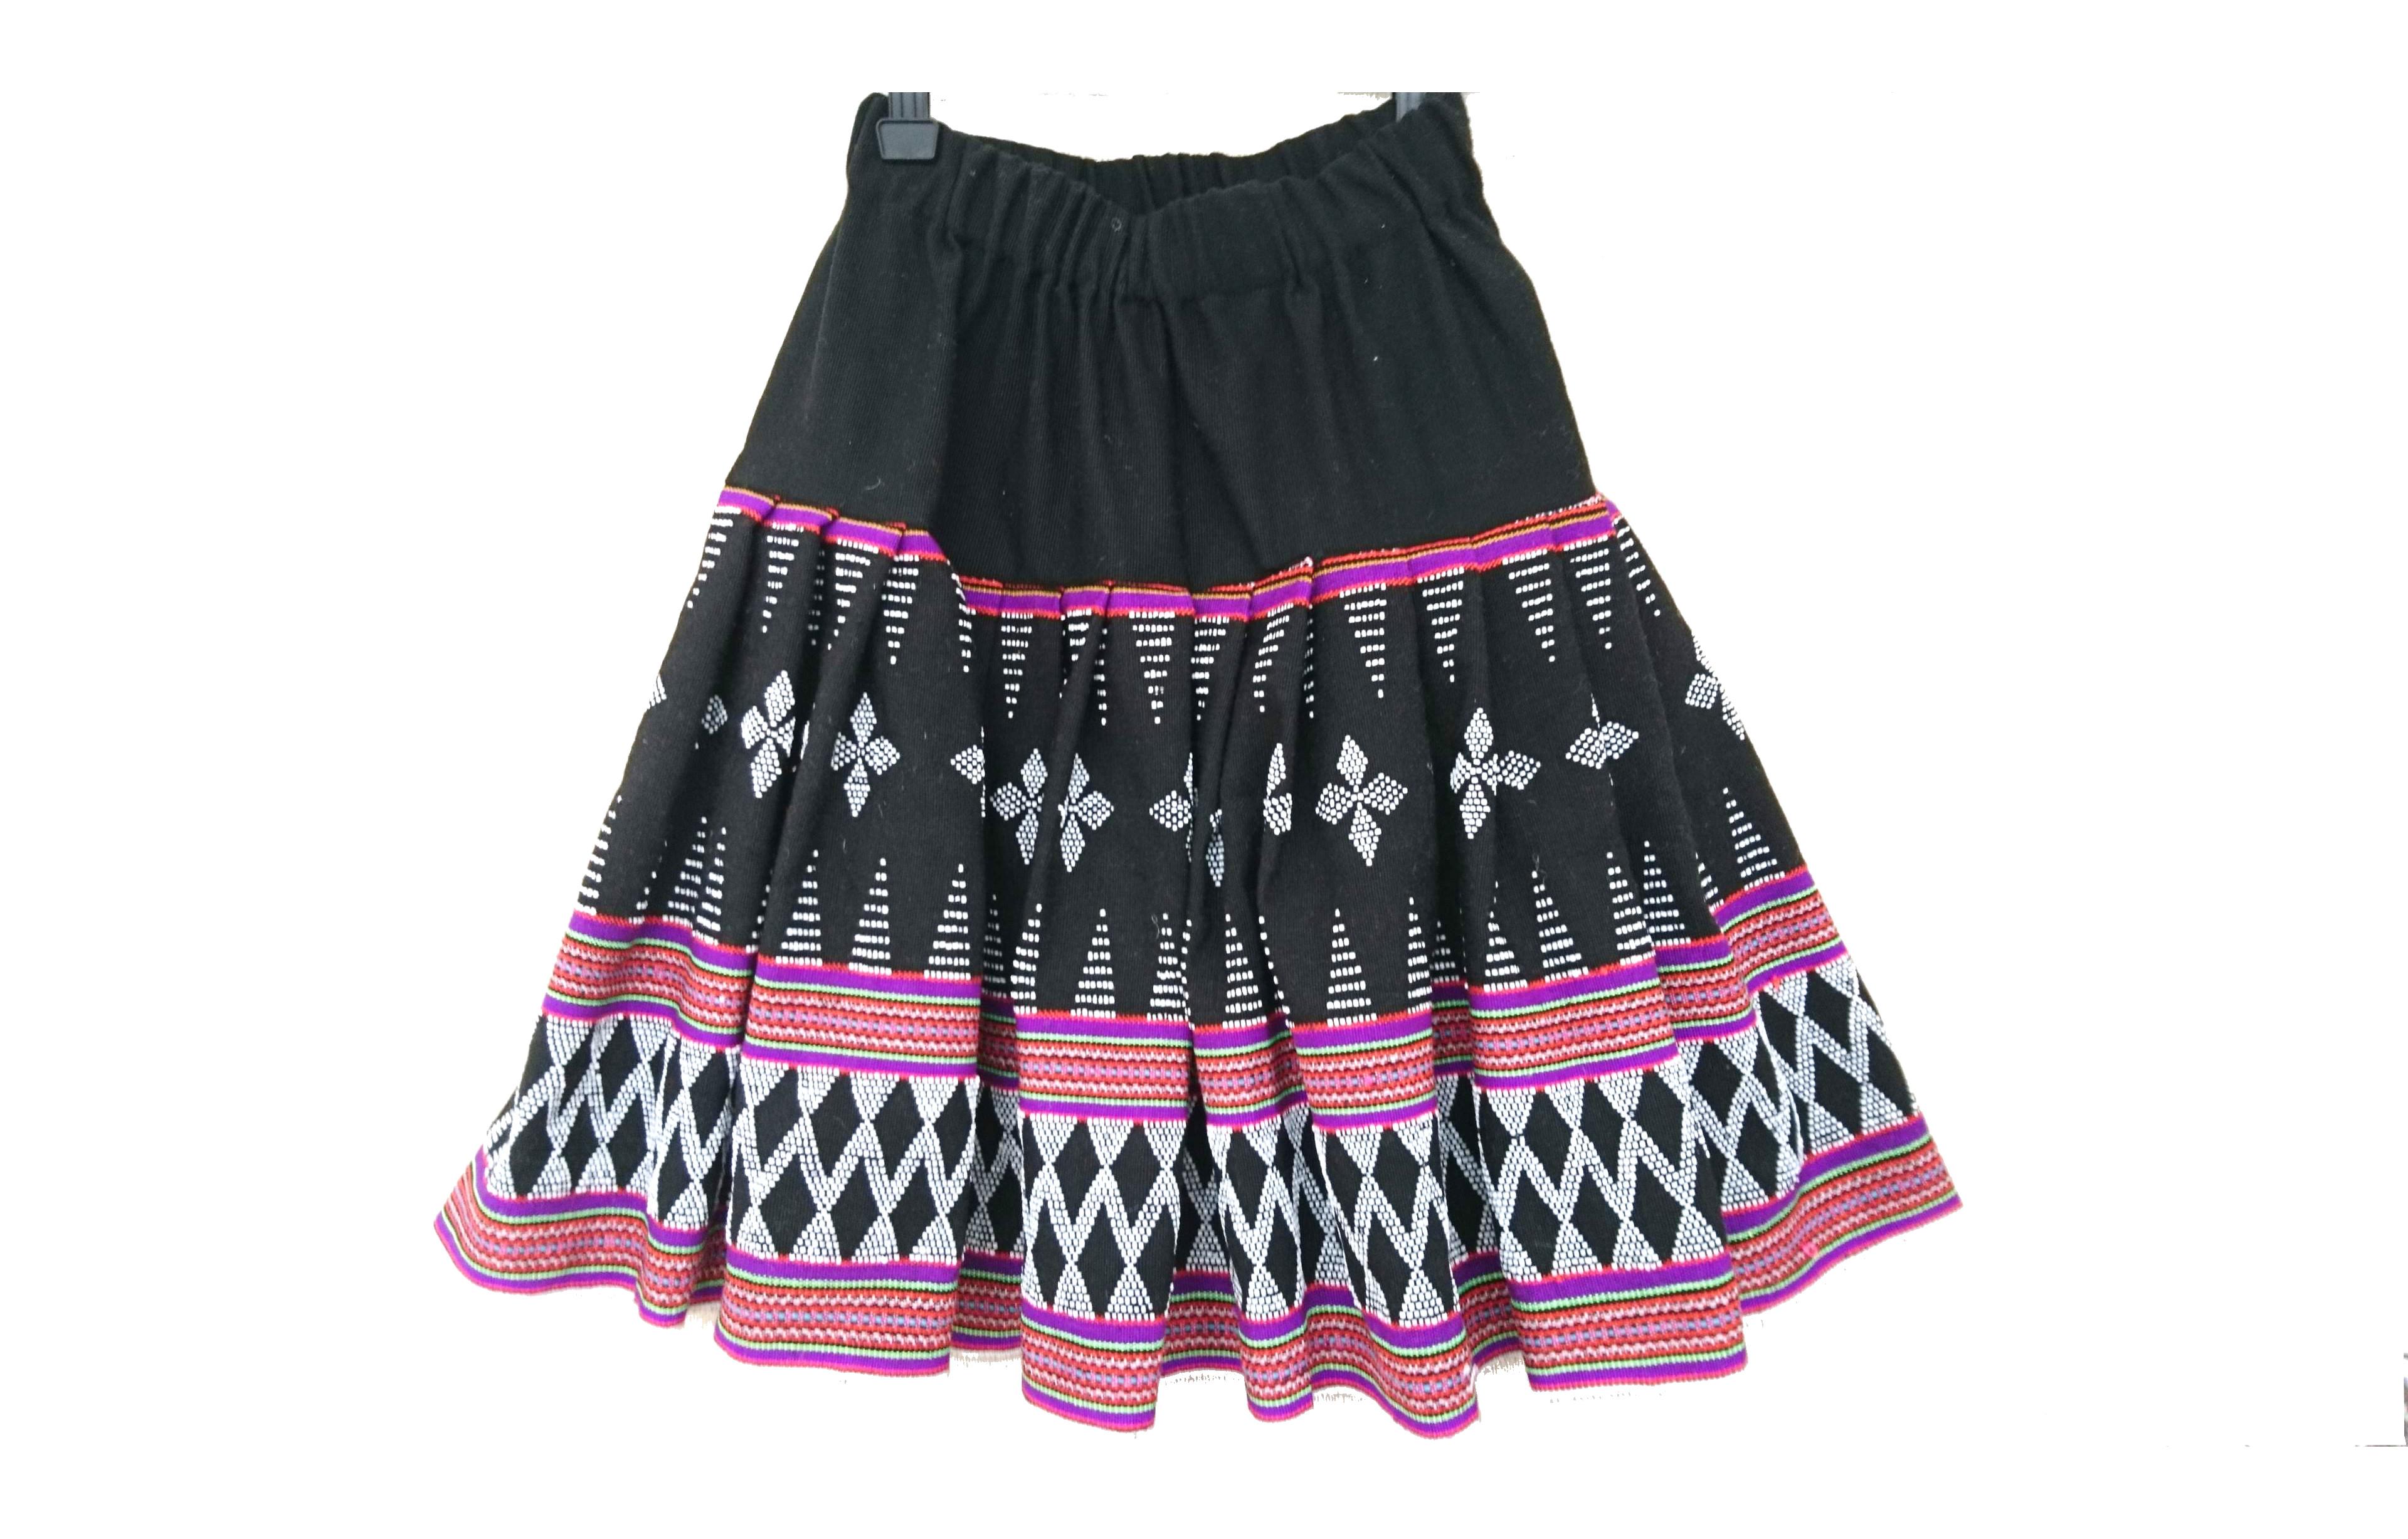 ターオイ族ビーズ入り手織りブロケード ミディスカート(フリーサイズ)